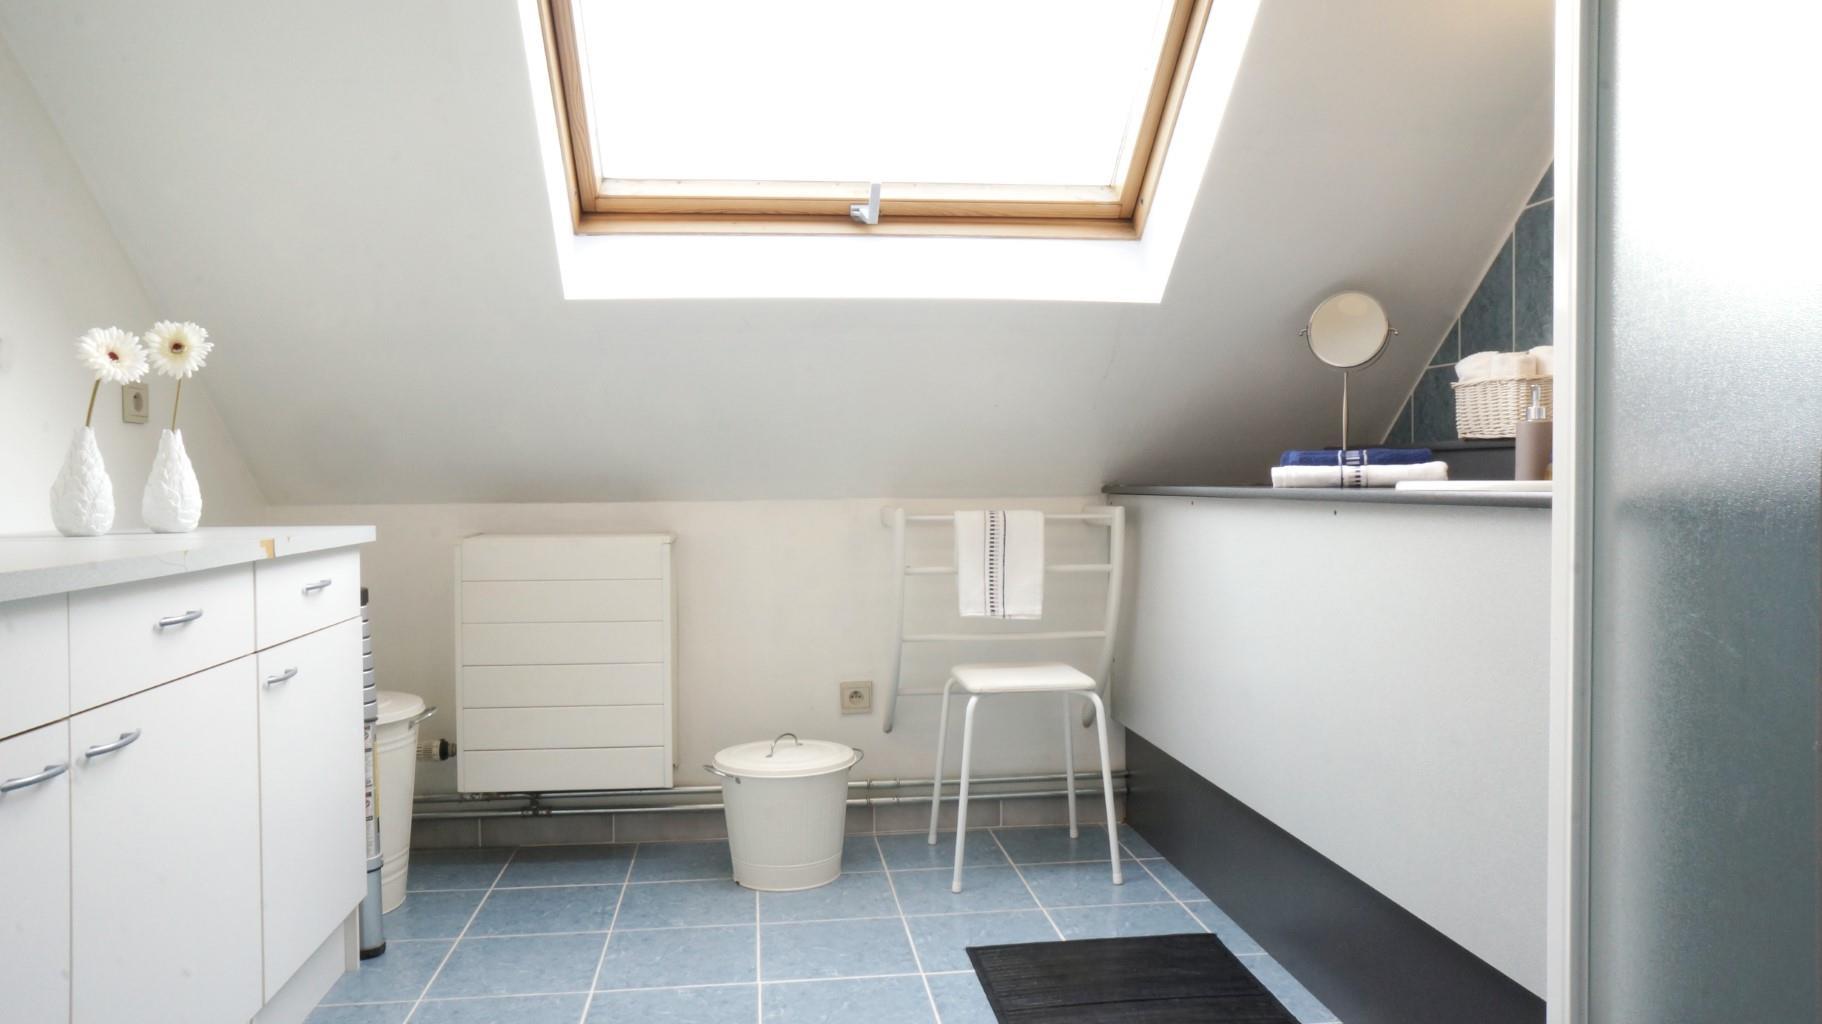 Maison - Perwez Thorembais-Saint-Trond - #4027352-15